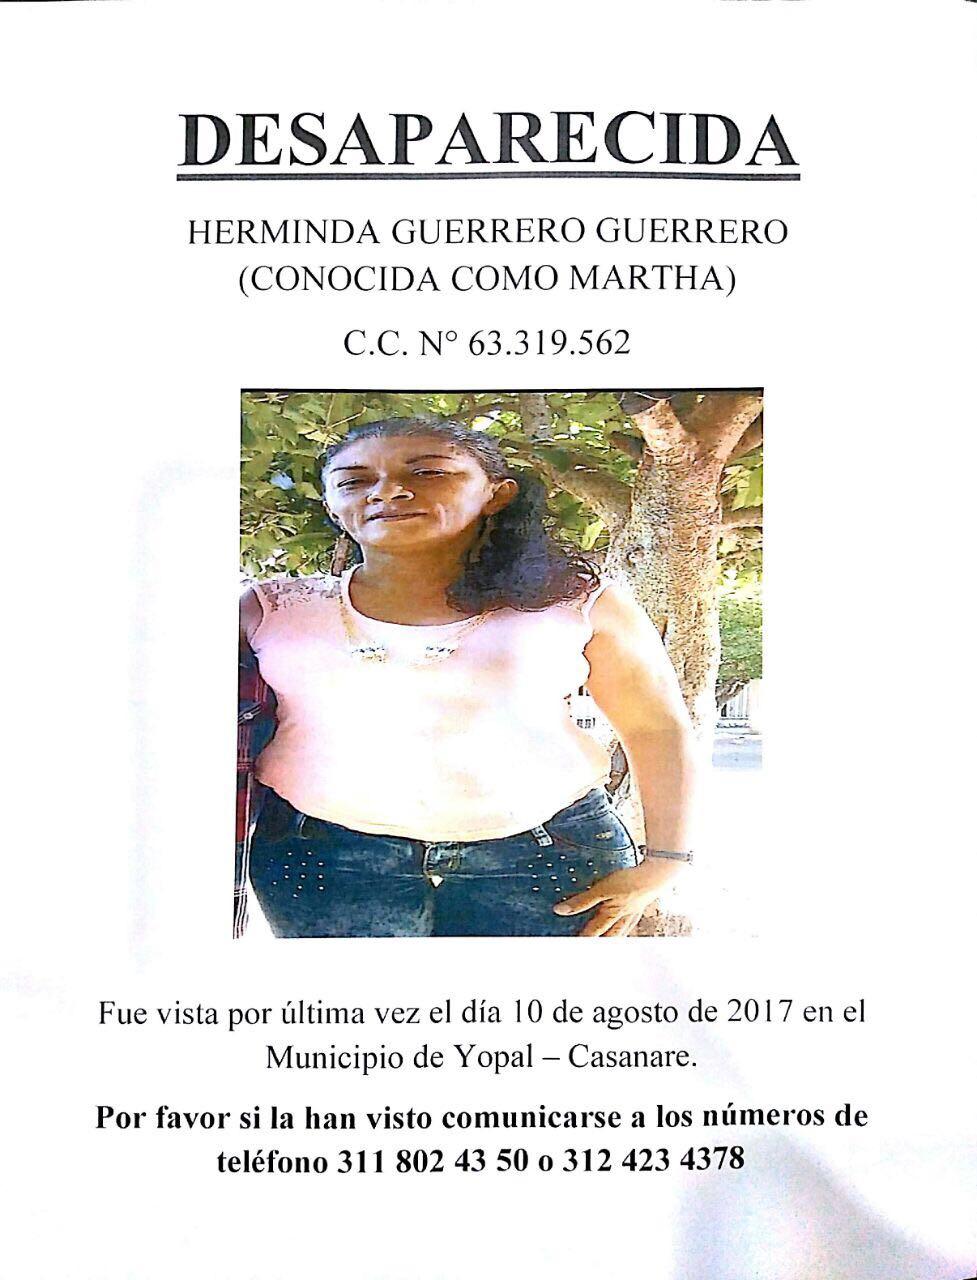 #EnAudio Familiares buscan a una mujer desaparecida en #Yopal.